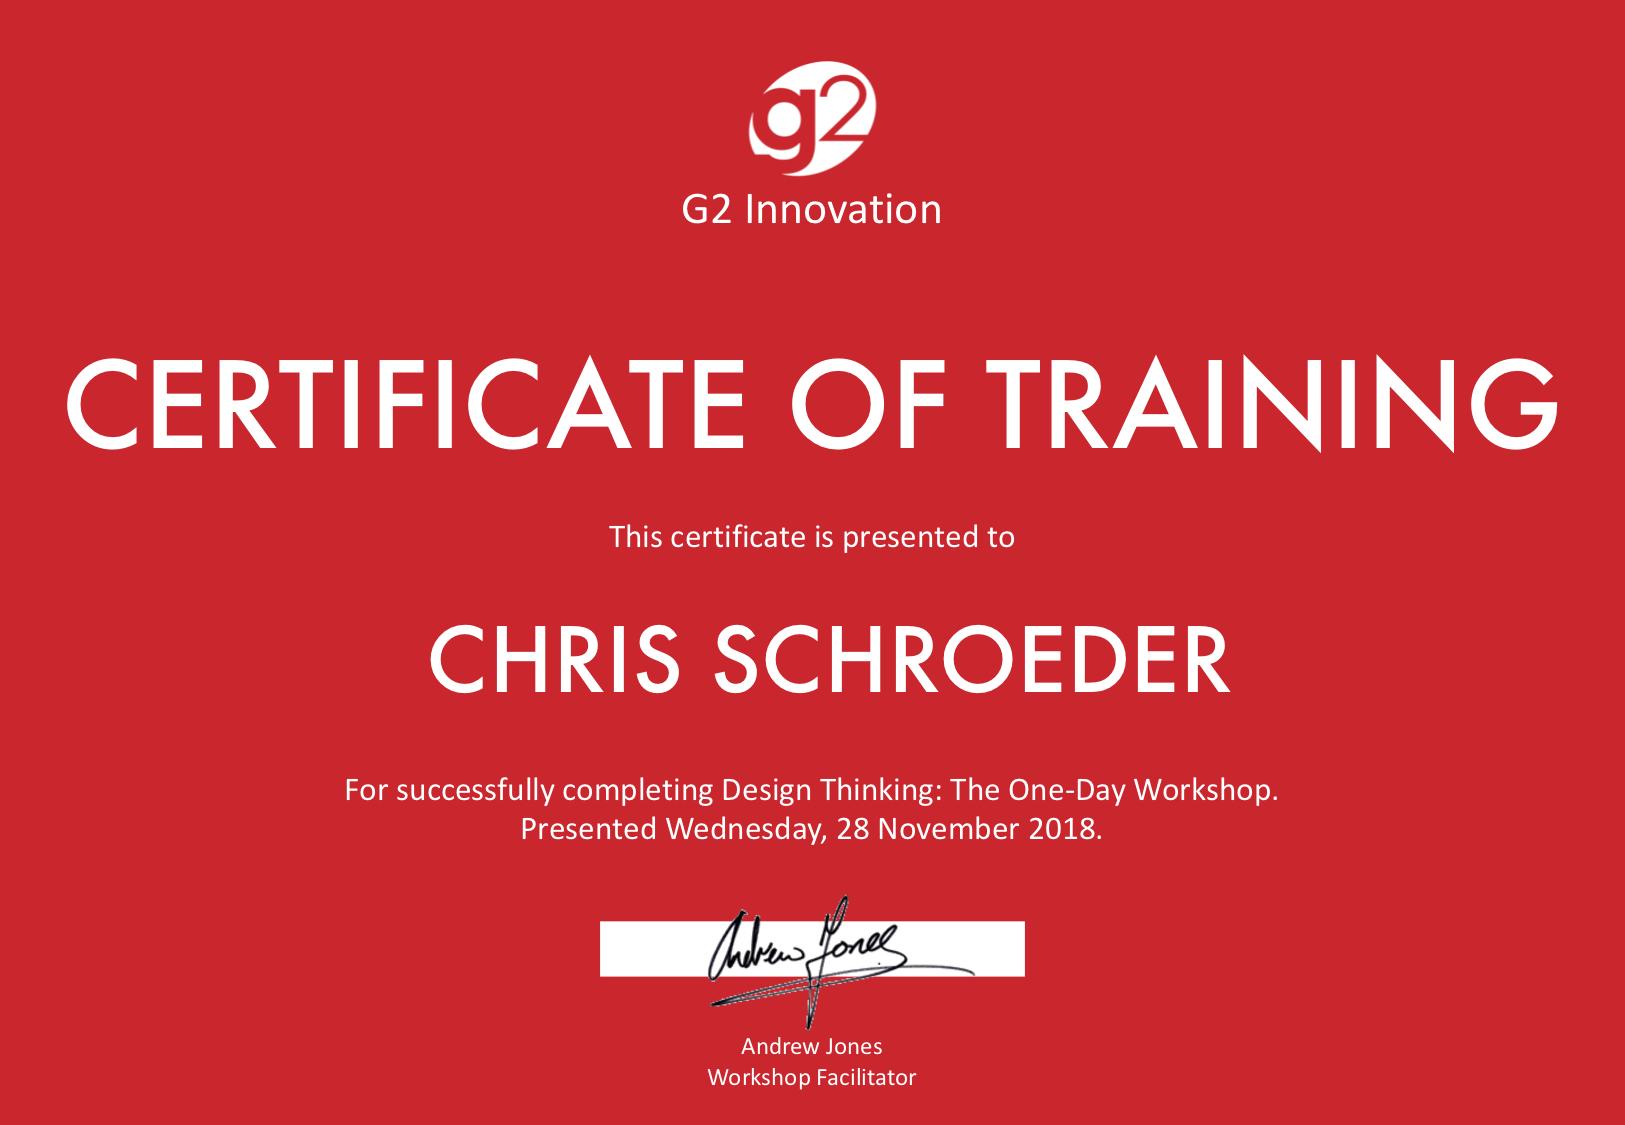 CHRIS SCHROEDER.jpg